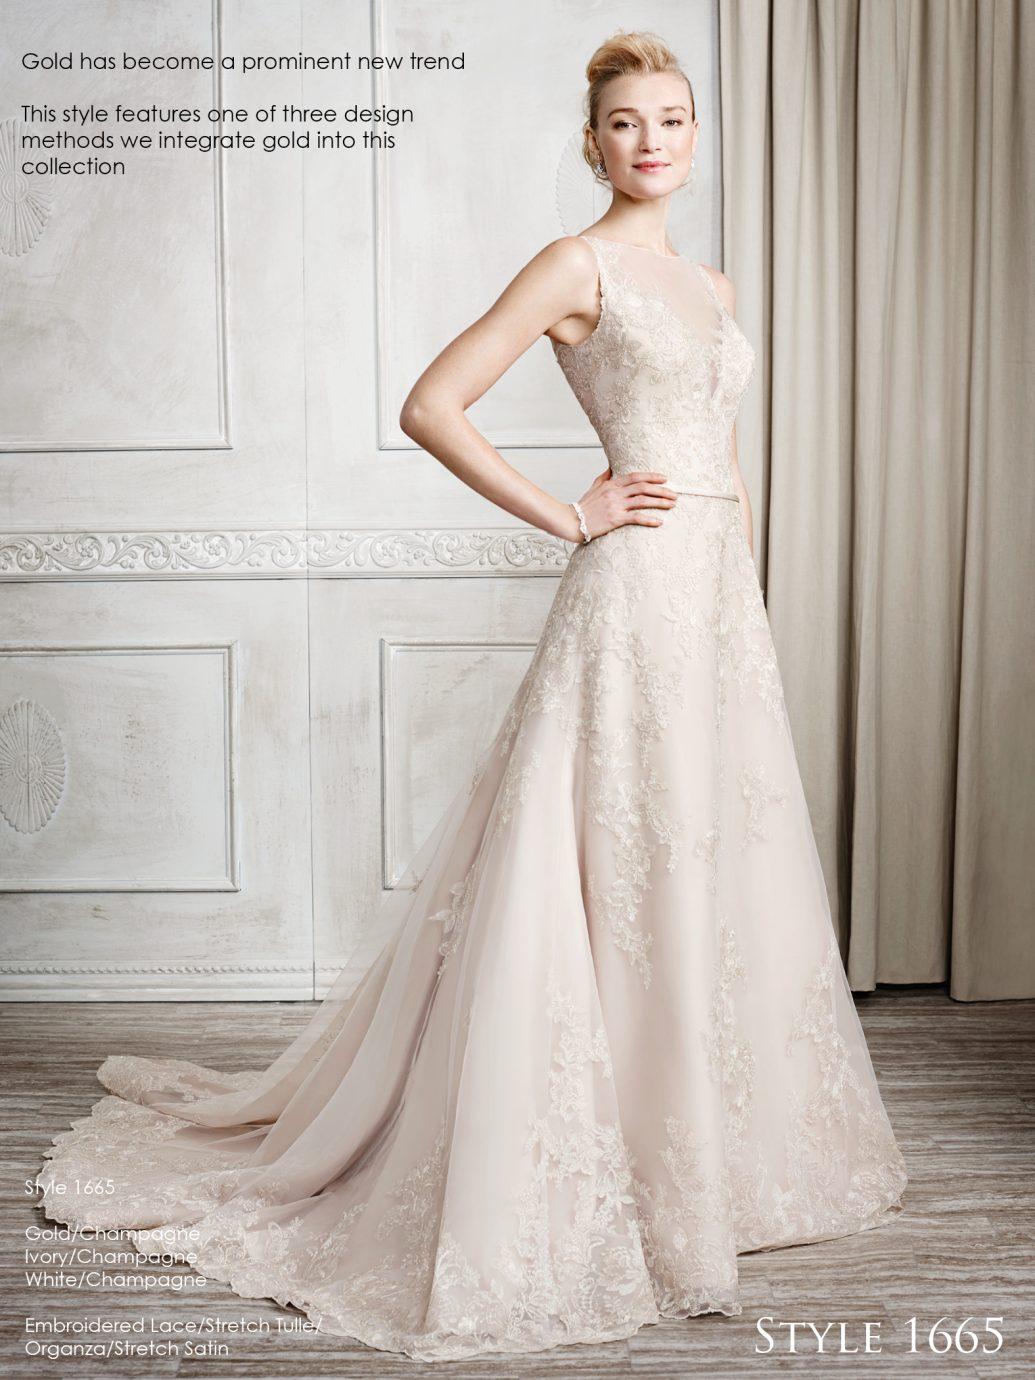 dafc130a28 1665 menyasszonyi ruha | Igen Esküvői Ruhaszalon